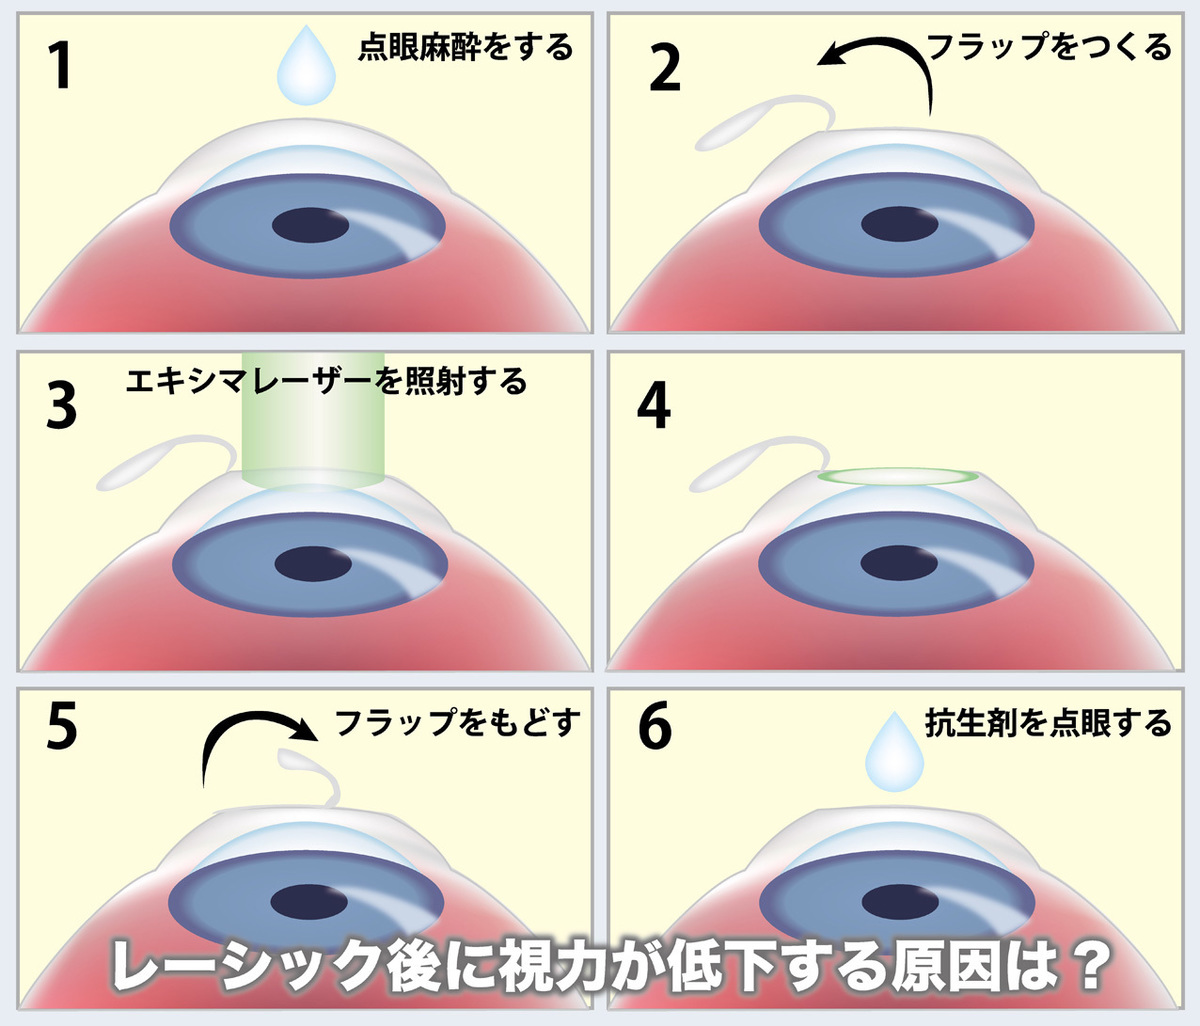 レーシック後に視力低下する原因は